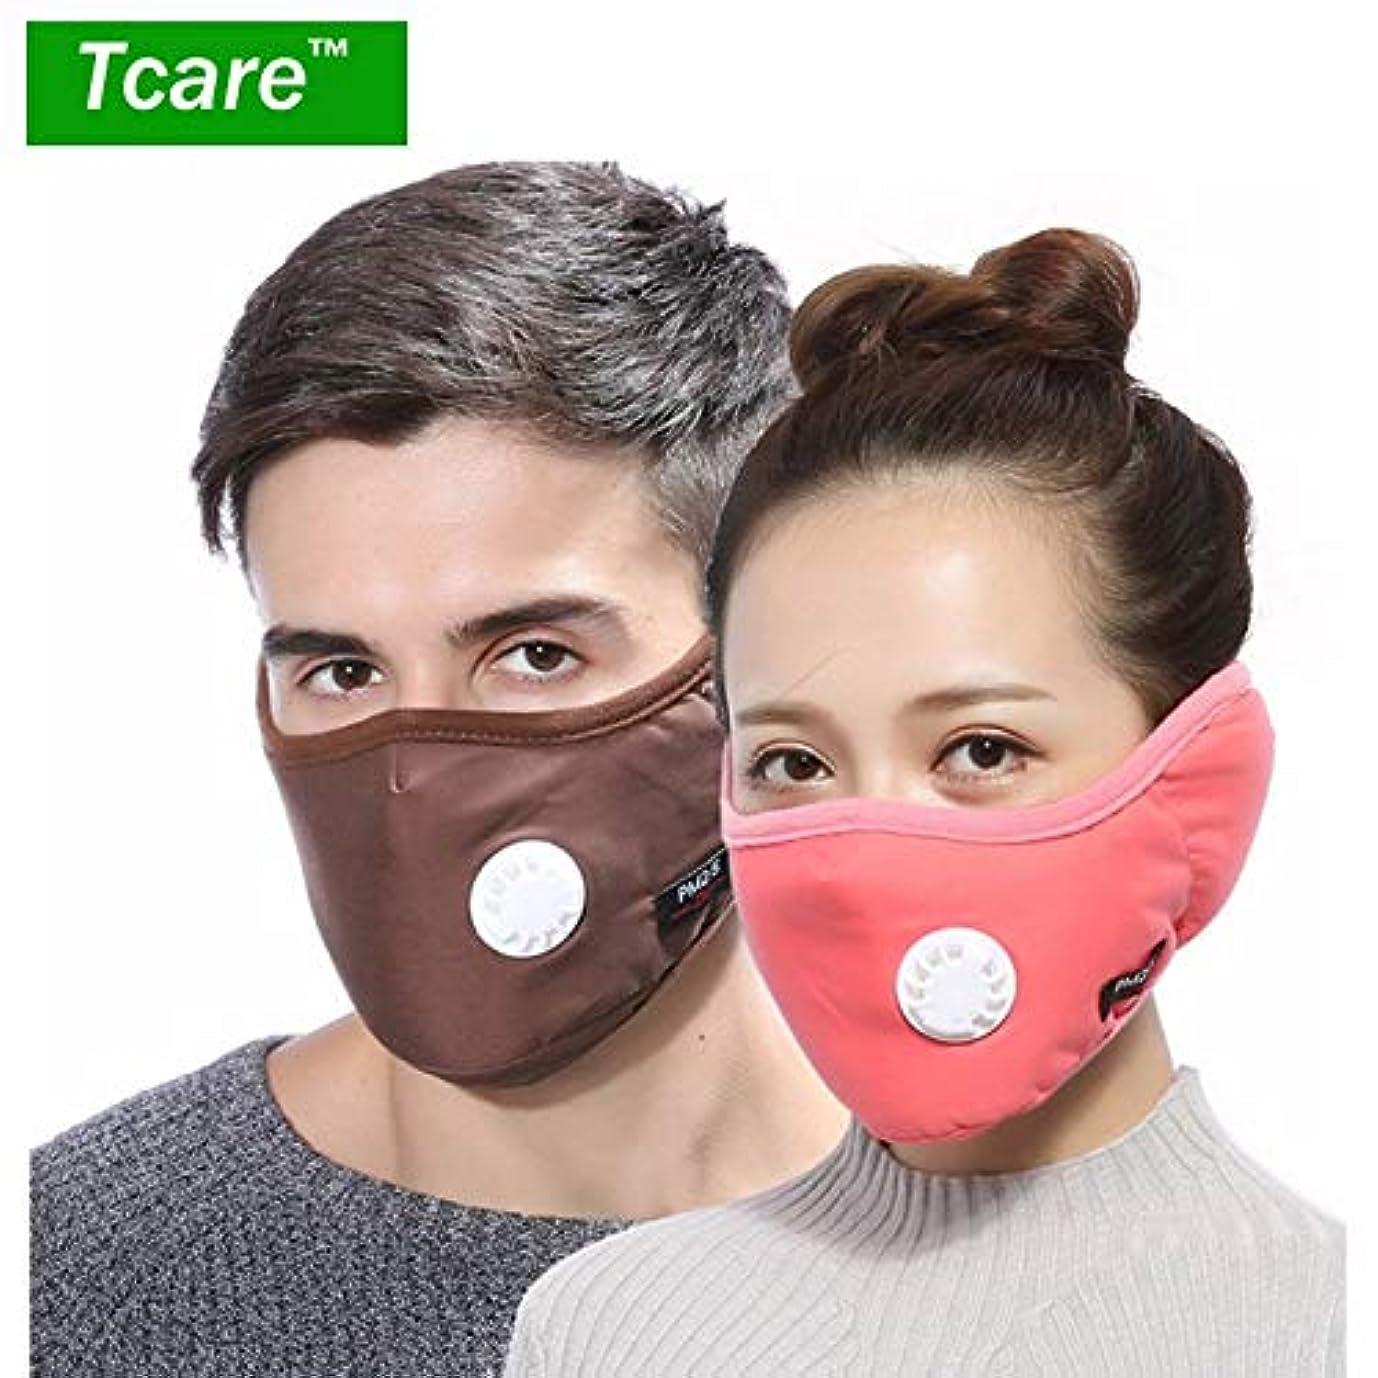 休眠年齢イブ4レッド:1 PM2.5マスクバルブコットンアンチダスト口マスクの冬のイヤーマフActtedフィルター付マスクでTcare 2